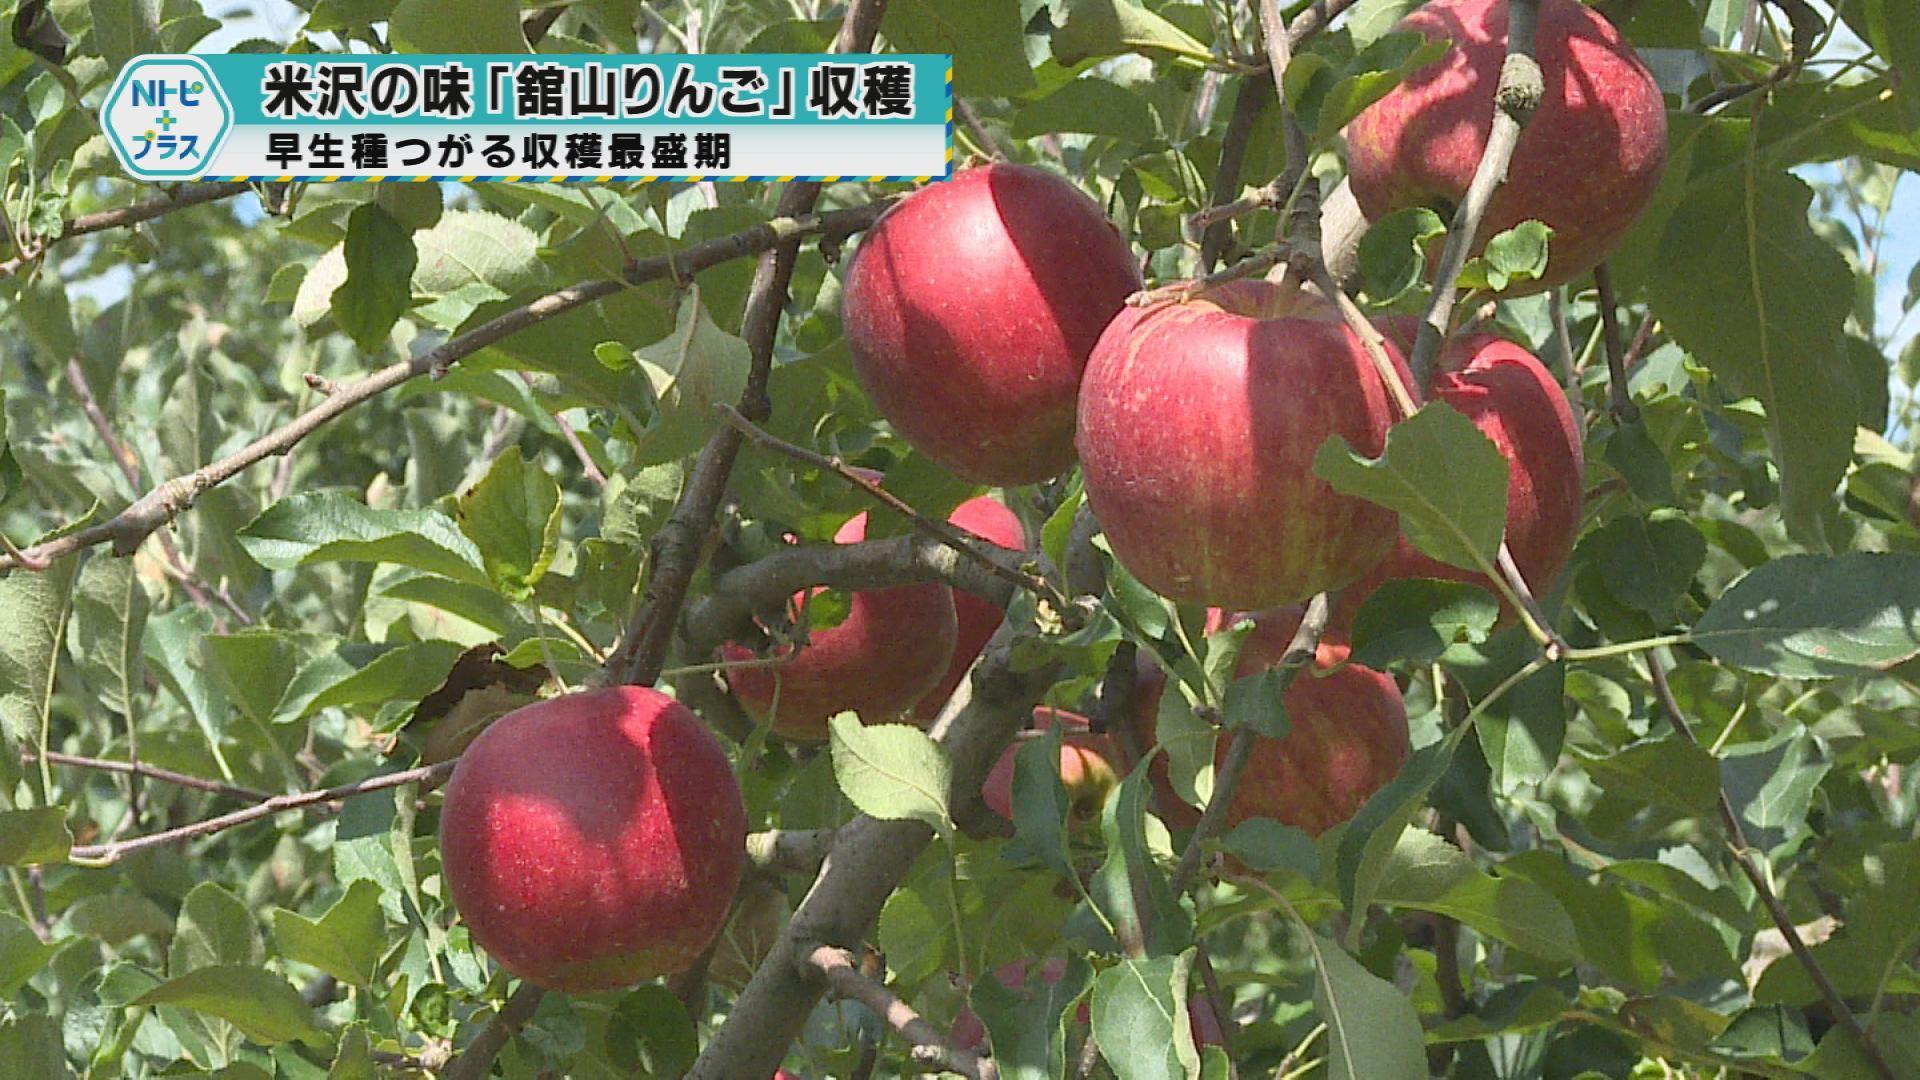 「米沢の味「舘山りんご」収穫」早生種つがる収穫最盛期